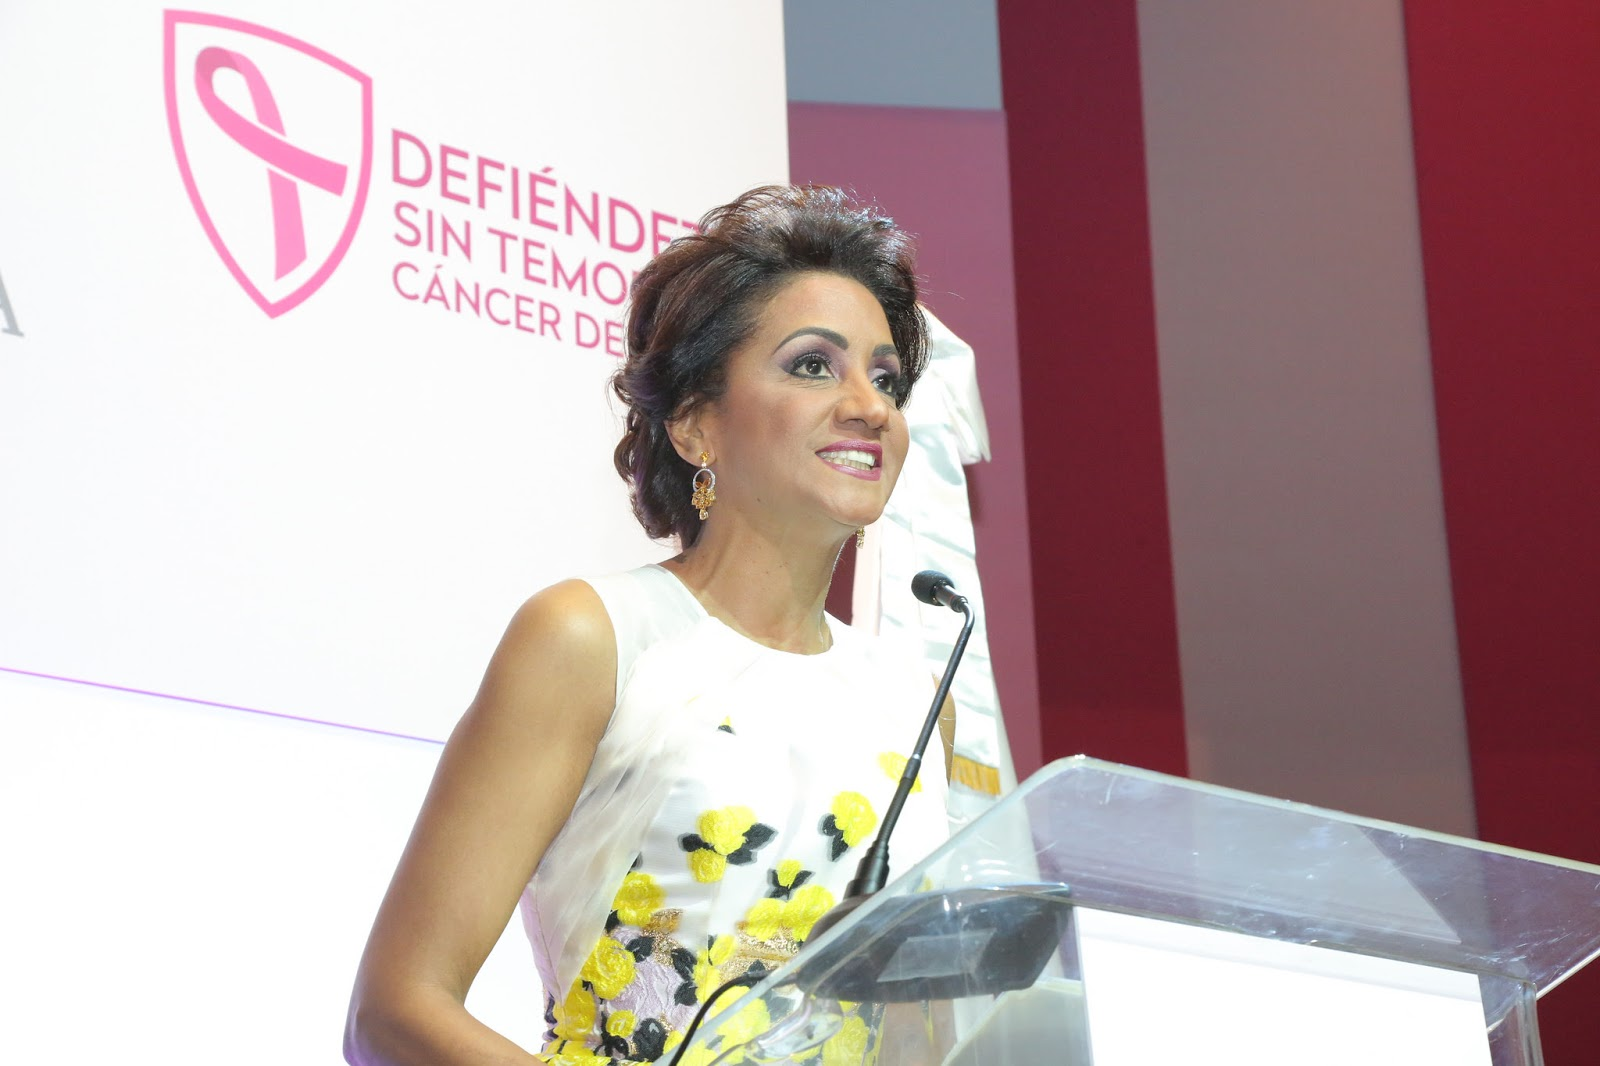 Para prevenir y derrotar el cáncer, Primera Dama llama mujeres dominicanas a estar alertas